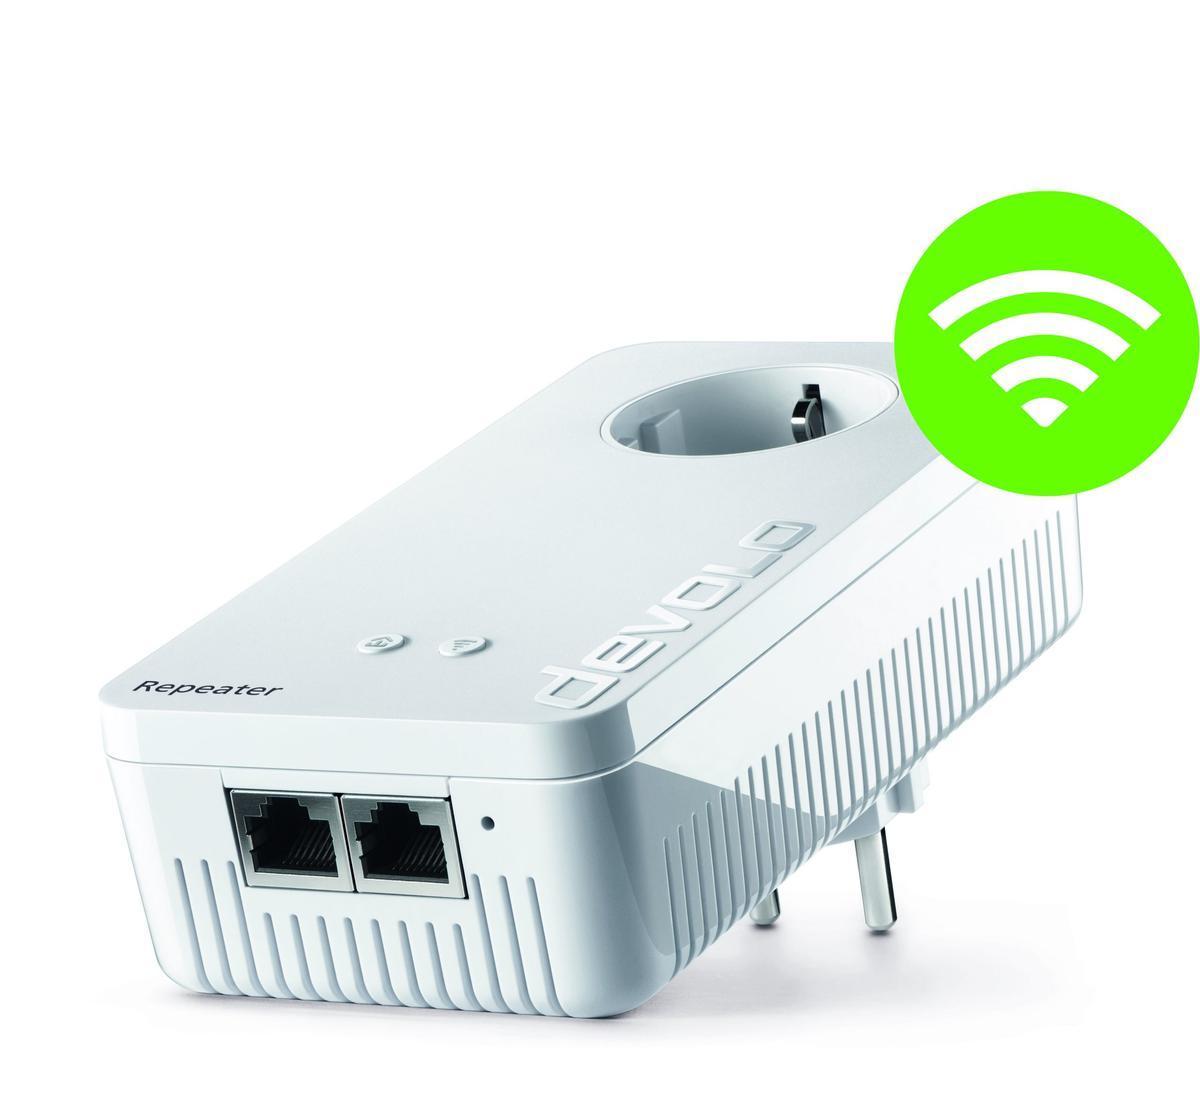 Devolo wifi Repeater+ ac, para mejorar la cobertura en casa